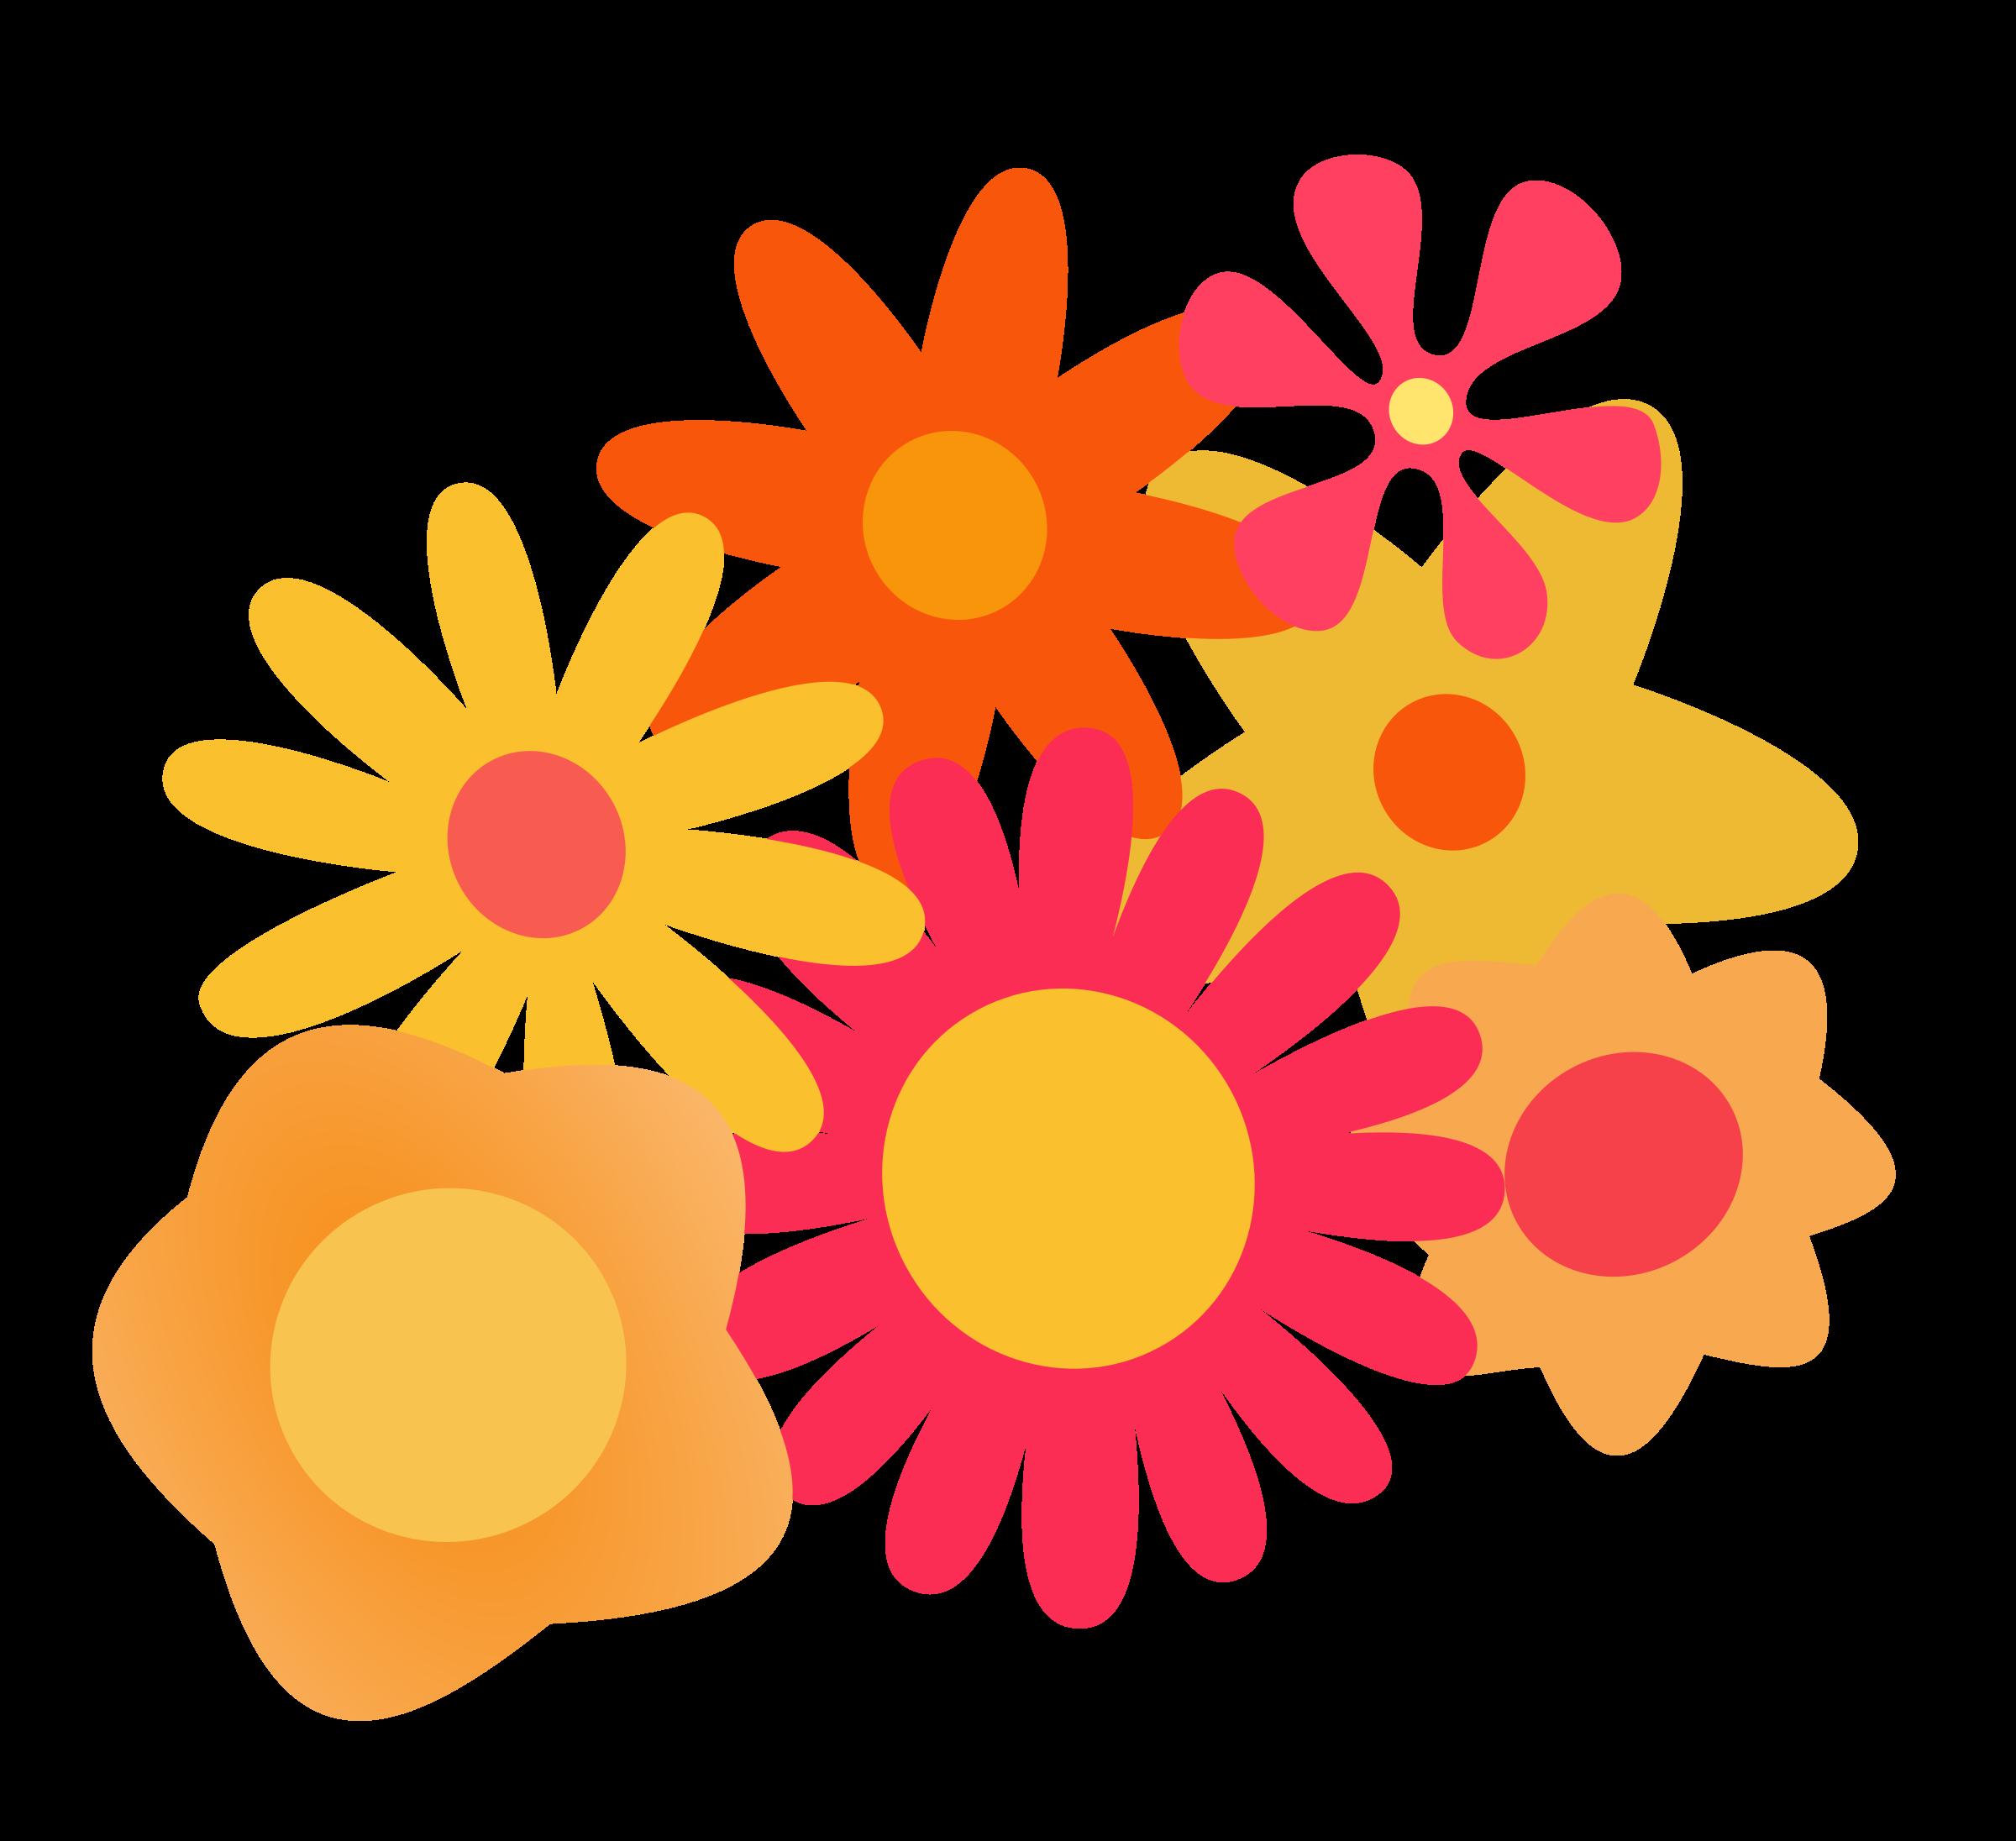 Orange Flower clipart transparent Cluster Cluster Flower Flower Clipart